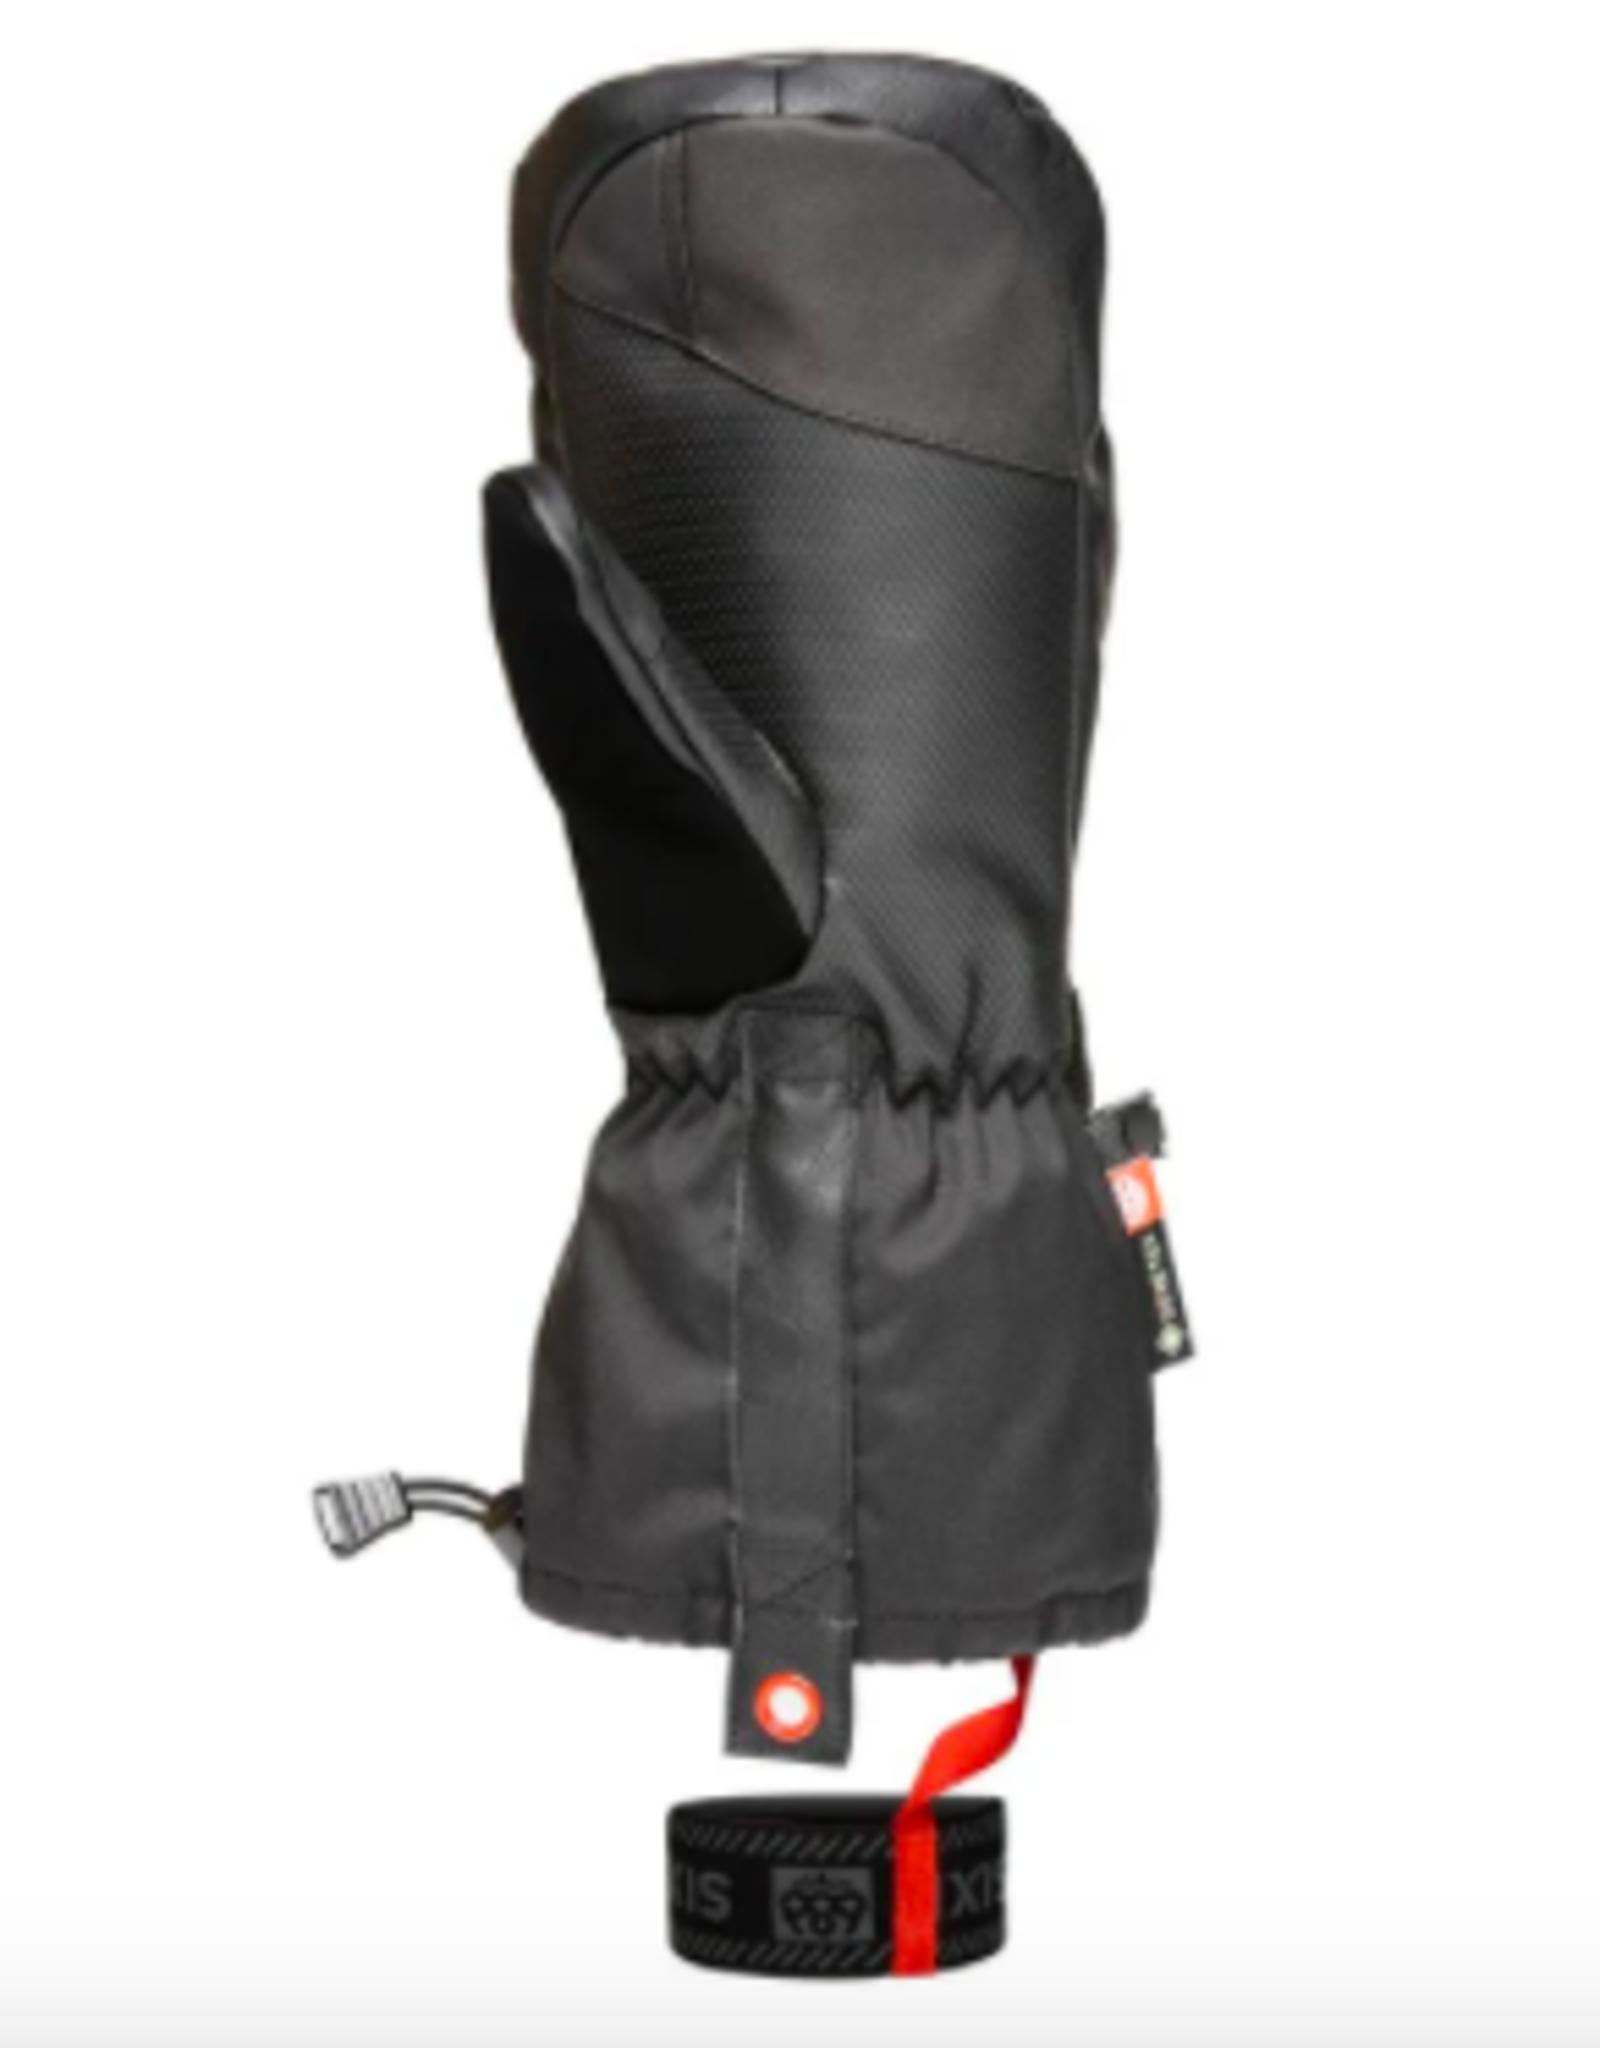 686 Men's Gore-Tex Smarty Gauntlet Mitt Black 2022